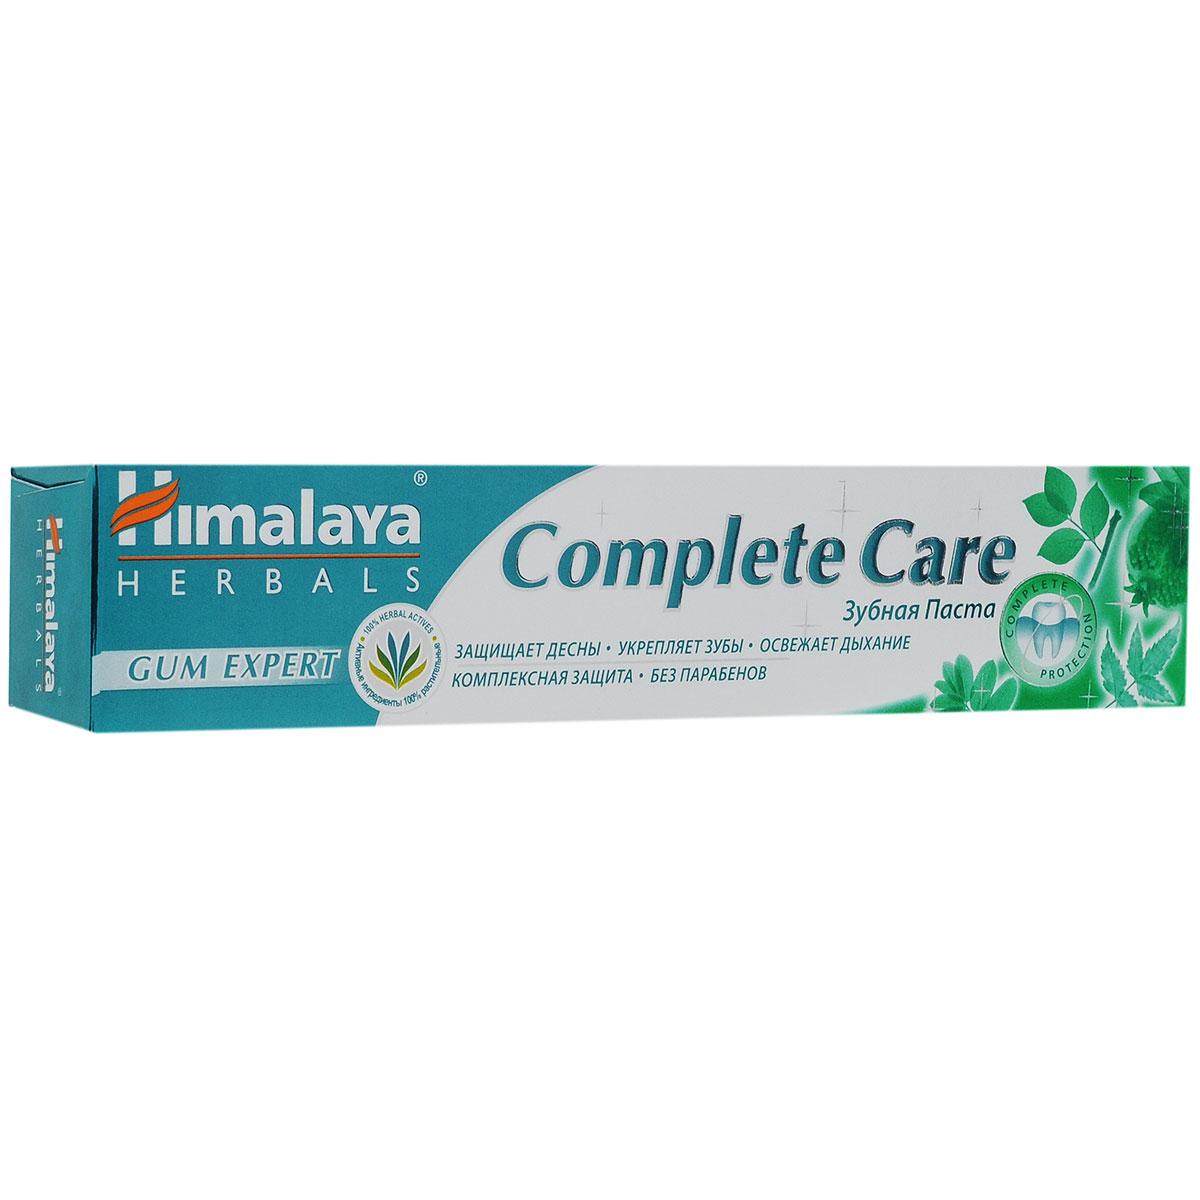 Himalaya Herbals, Зубная паста для комплексной защиты зубов и десен Complete Care, 75млКБ-173В состав зубных паст Himalaya Herbals Gum Expert входят мисвак и натуральные компоненты, которые защищают и тонизируют Ваши десны. Благодаря уникальной растительной формуле зубная паста Complete Care обеспечивает защиту от бактерий в течение 12 часов, препятствует формированию зубного налета. Мисвак и арабская акация предотвращают воспаление десен и снижают их кровоточивость. Благодаря натуральным антибактериальным свойствам ним эффективно борется с бактериями. Гранат - натуральное средство, которое оказывает эффективное тонизирующее действие на десны. Содержит фторид кальция (500 ppm F).